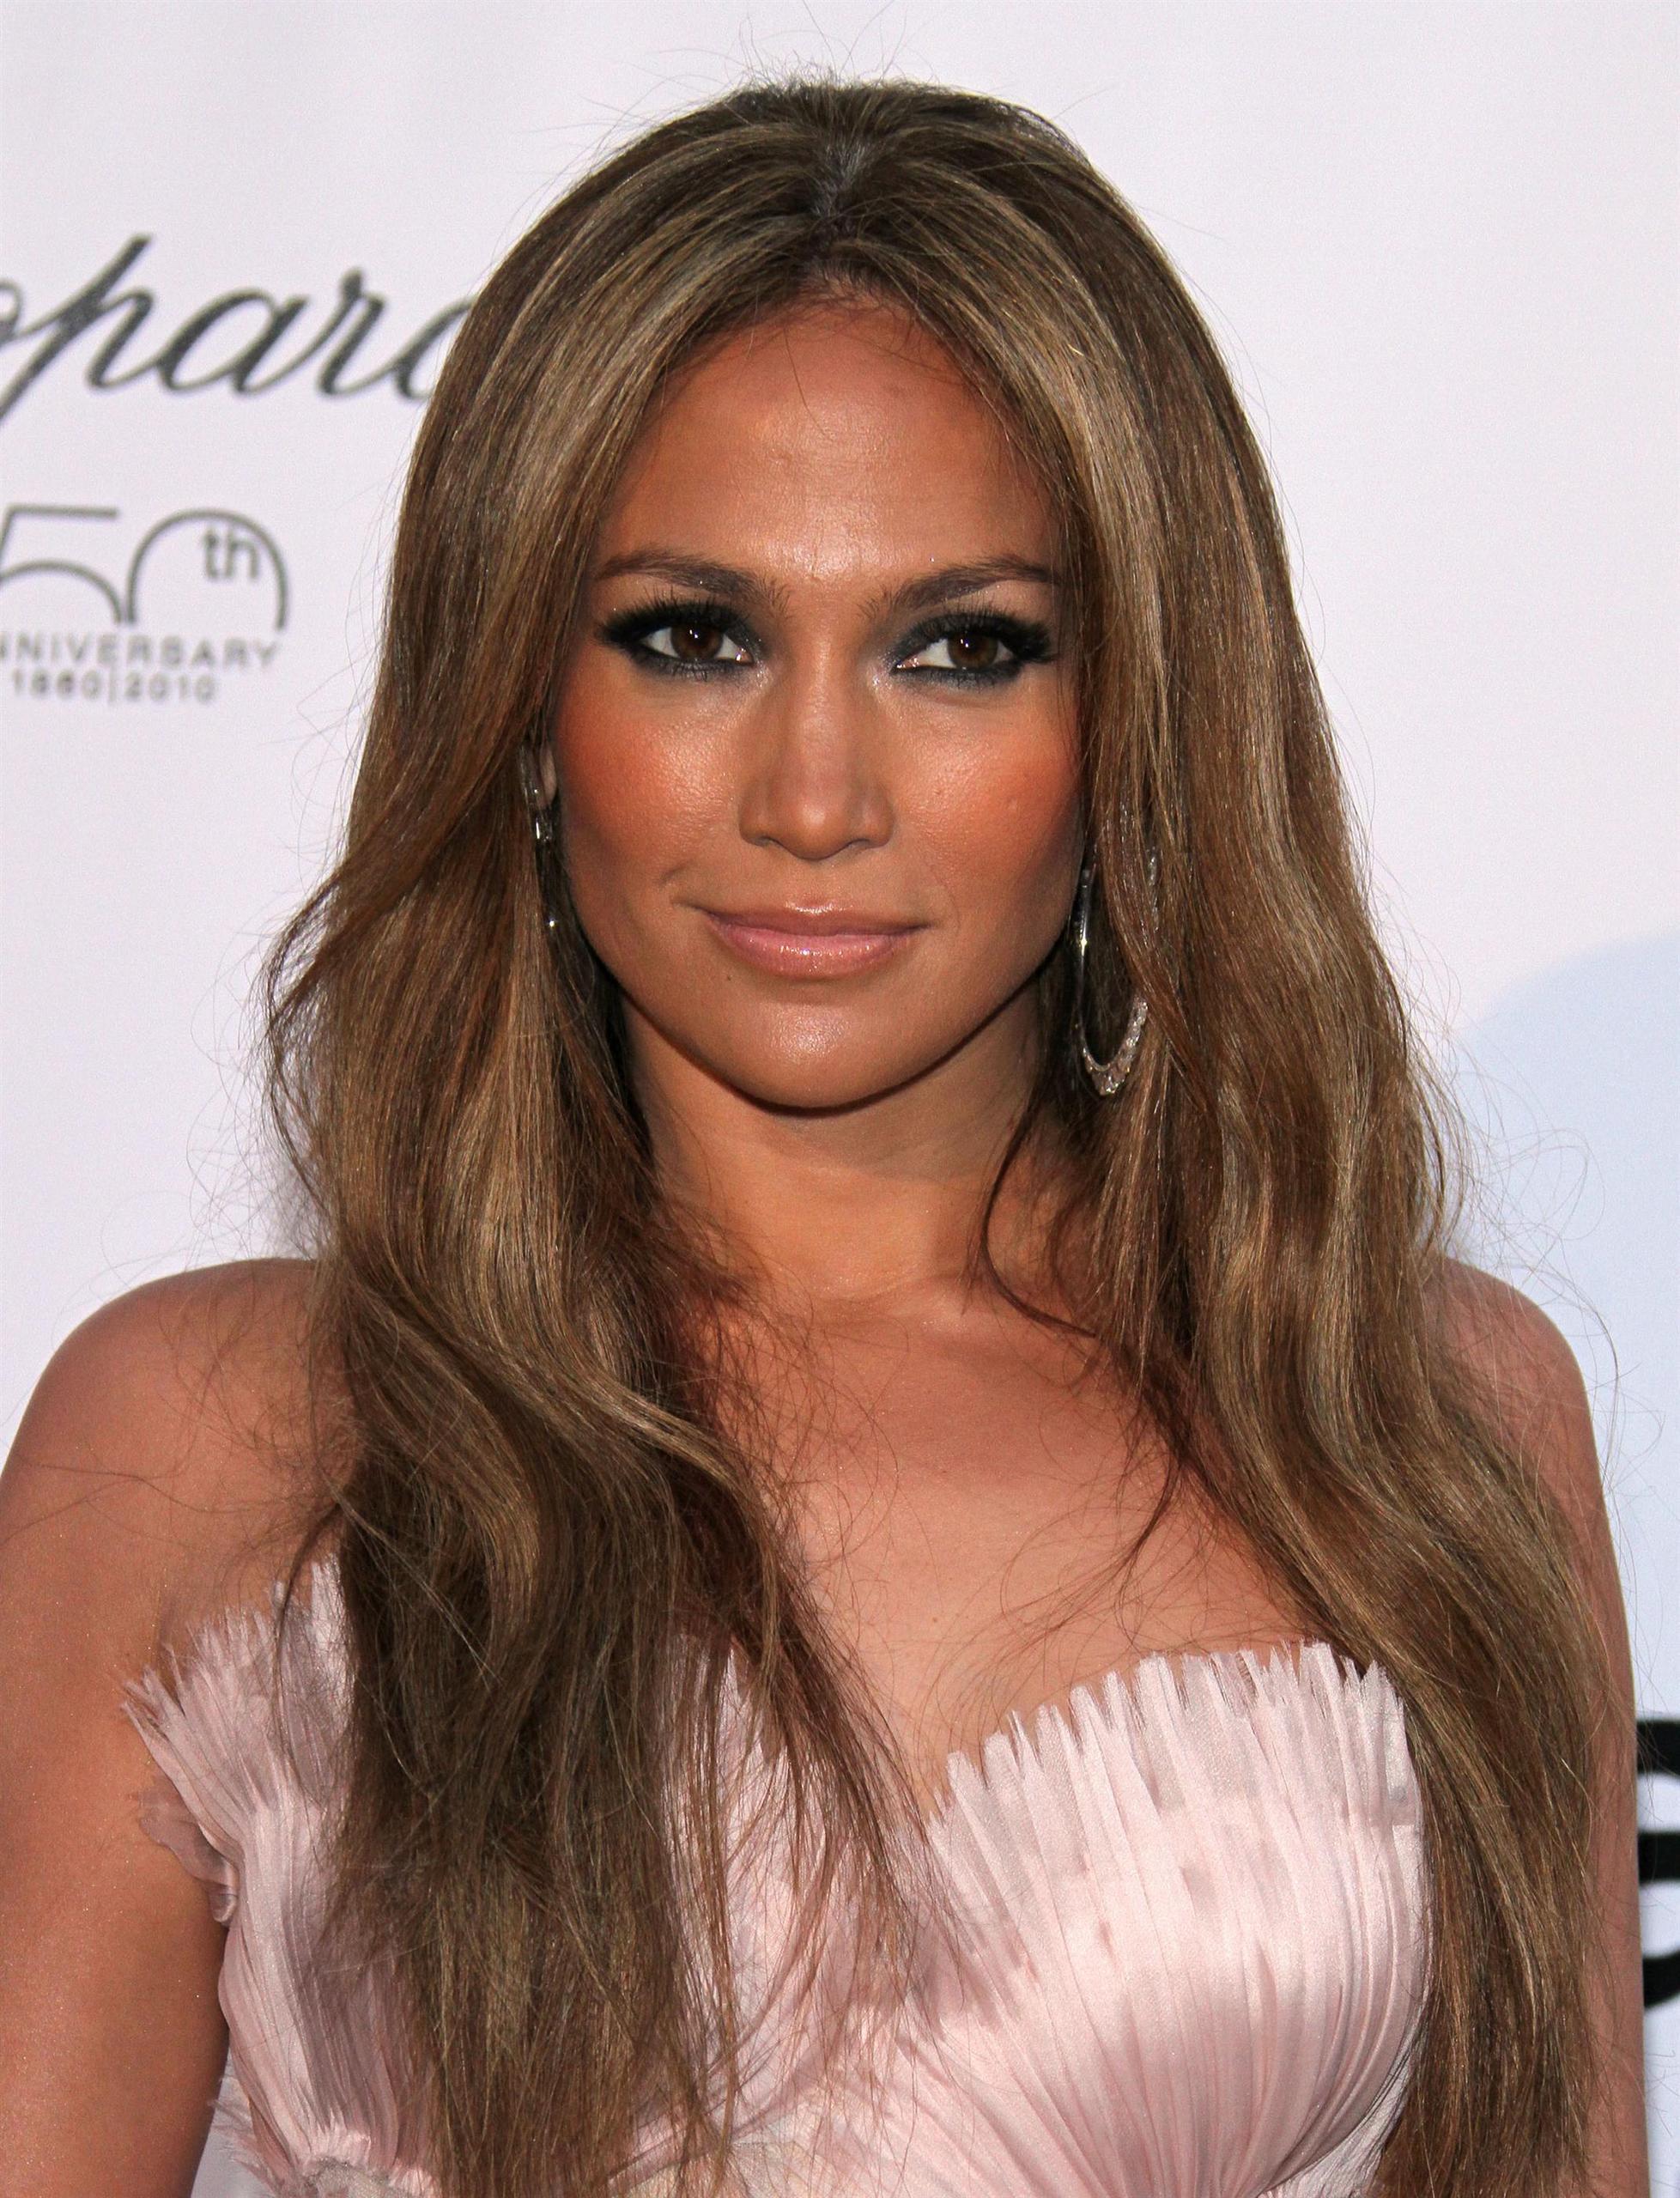 Jennifer Lopez - Jennifer Lopez Photo (16967798) - Fanpop Jennifer Lopez